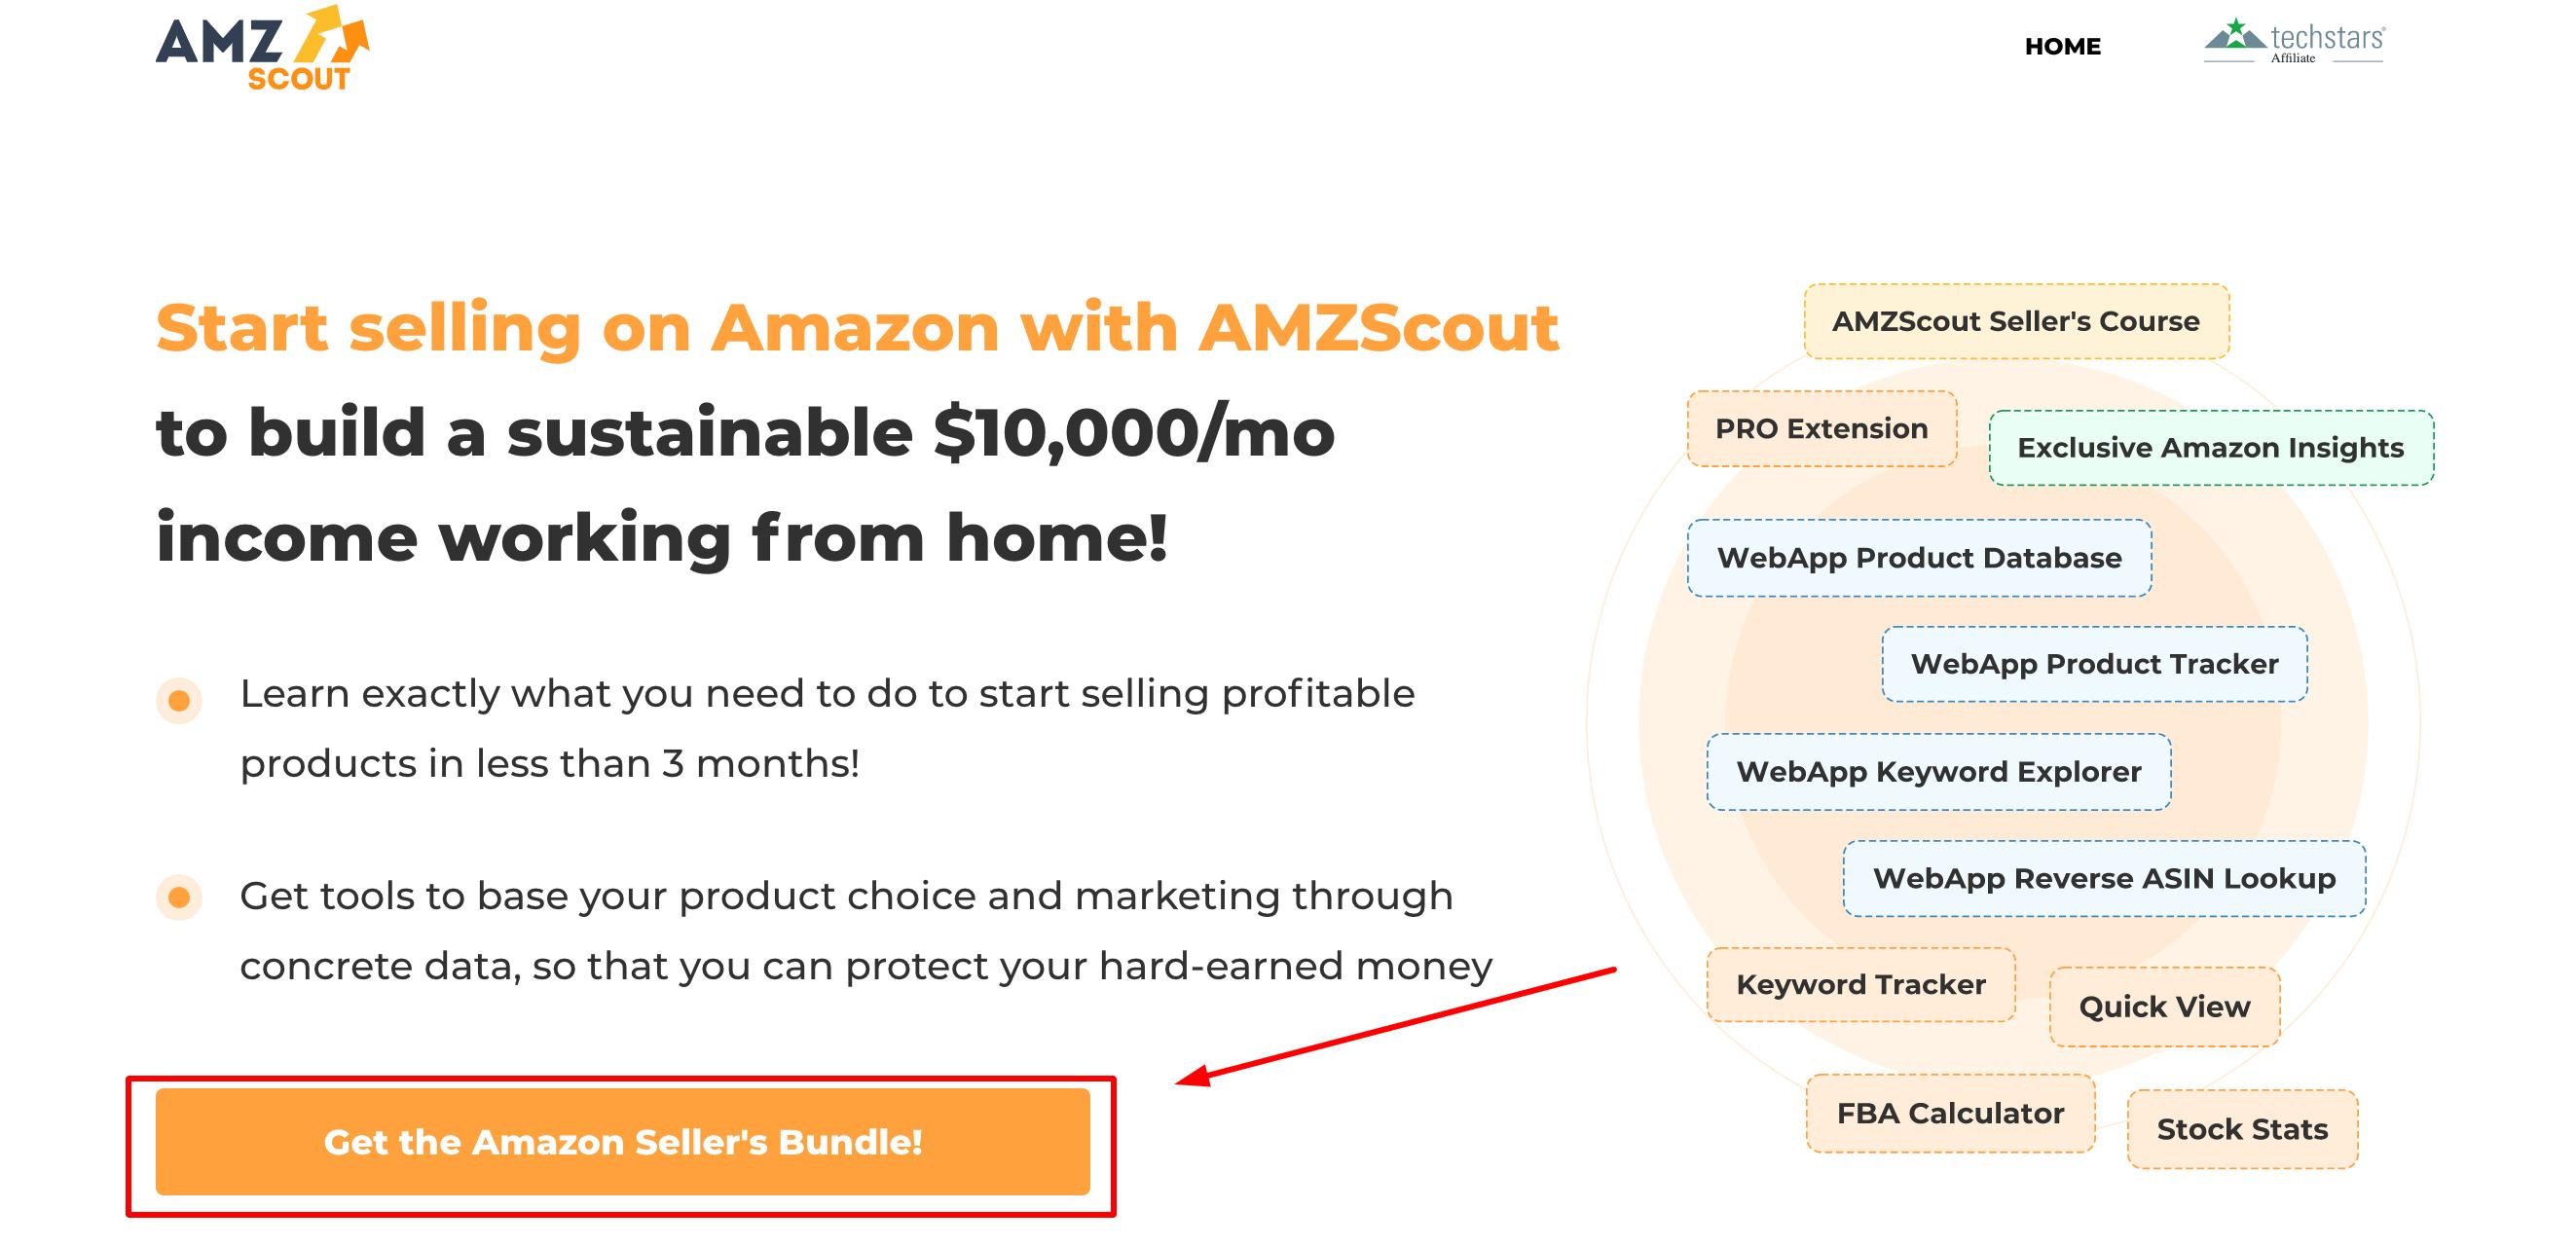 AMZScout Pro Bundle